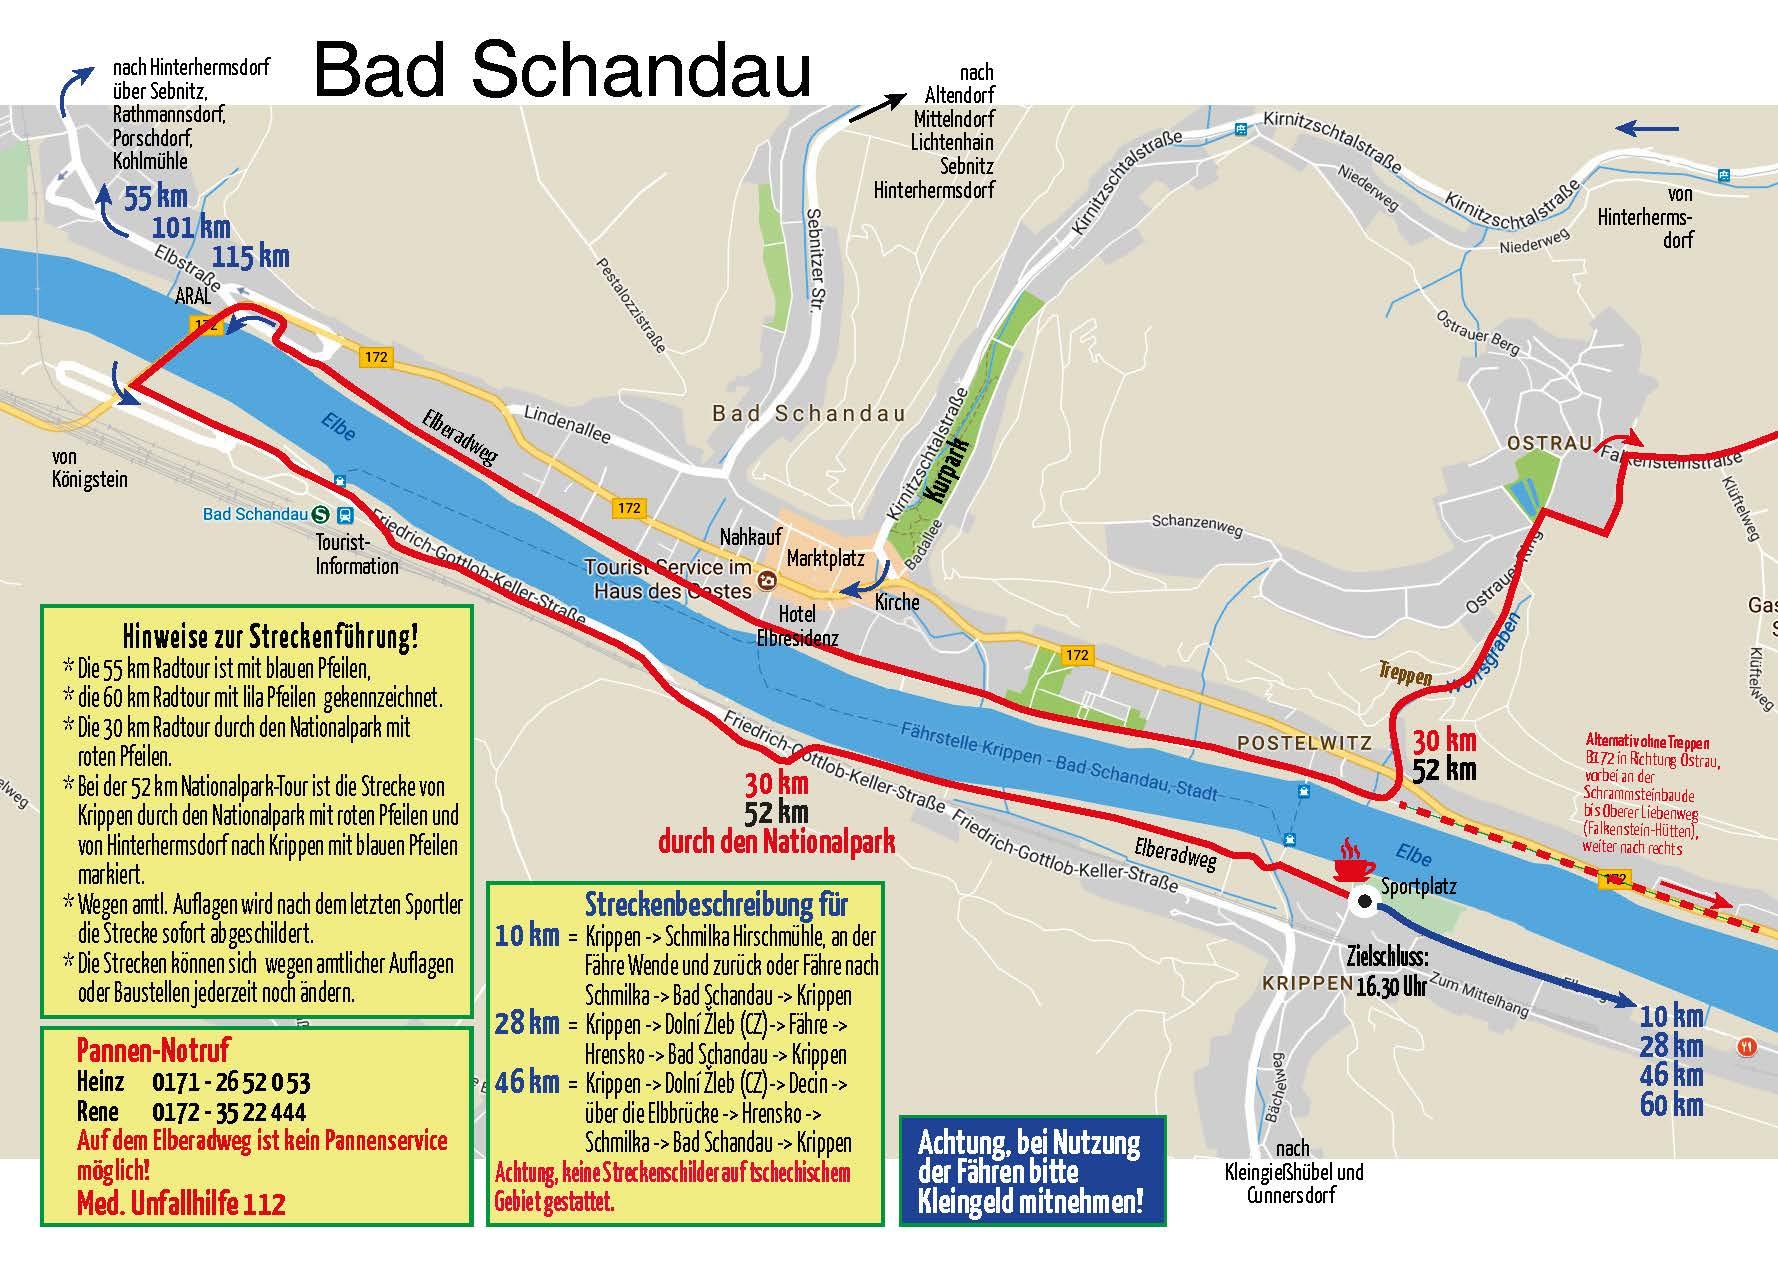 Streckenverläufe in Bad Schandau